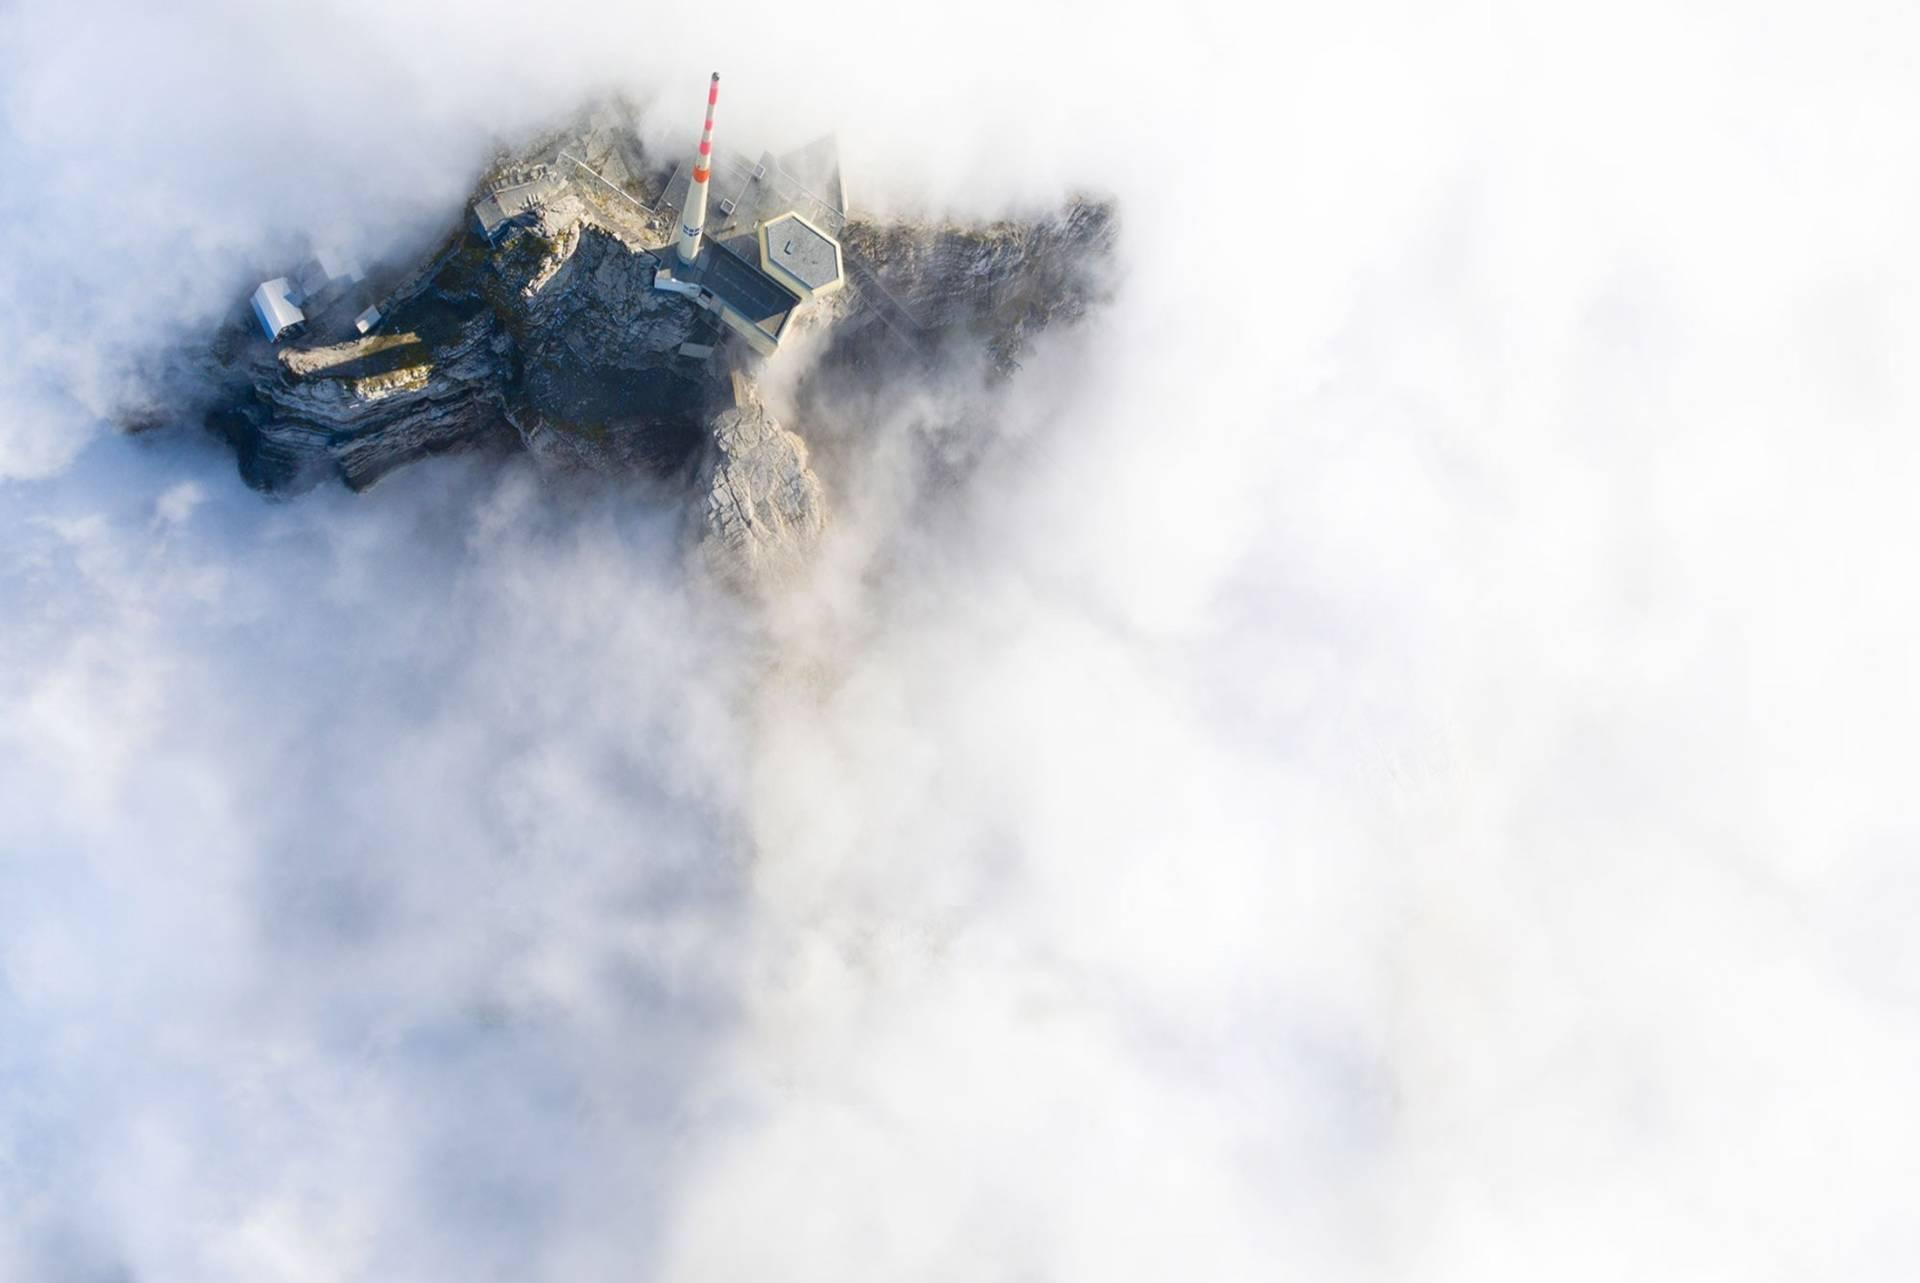 Säntis der höchste Berg im Alpstein